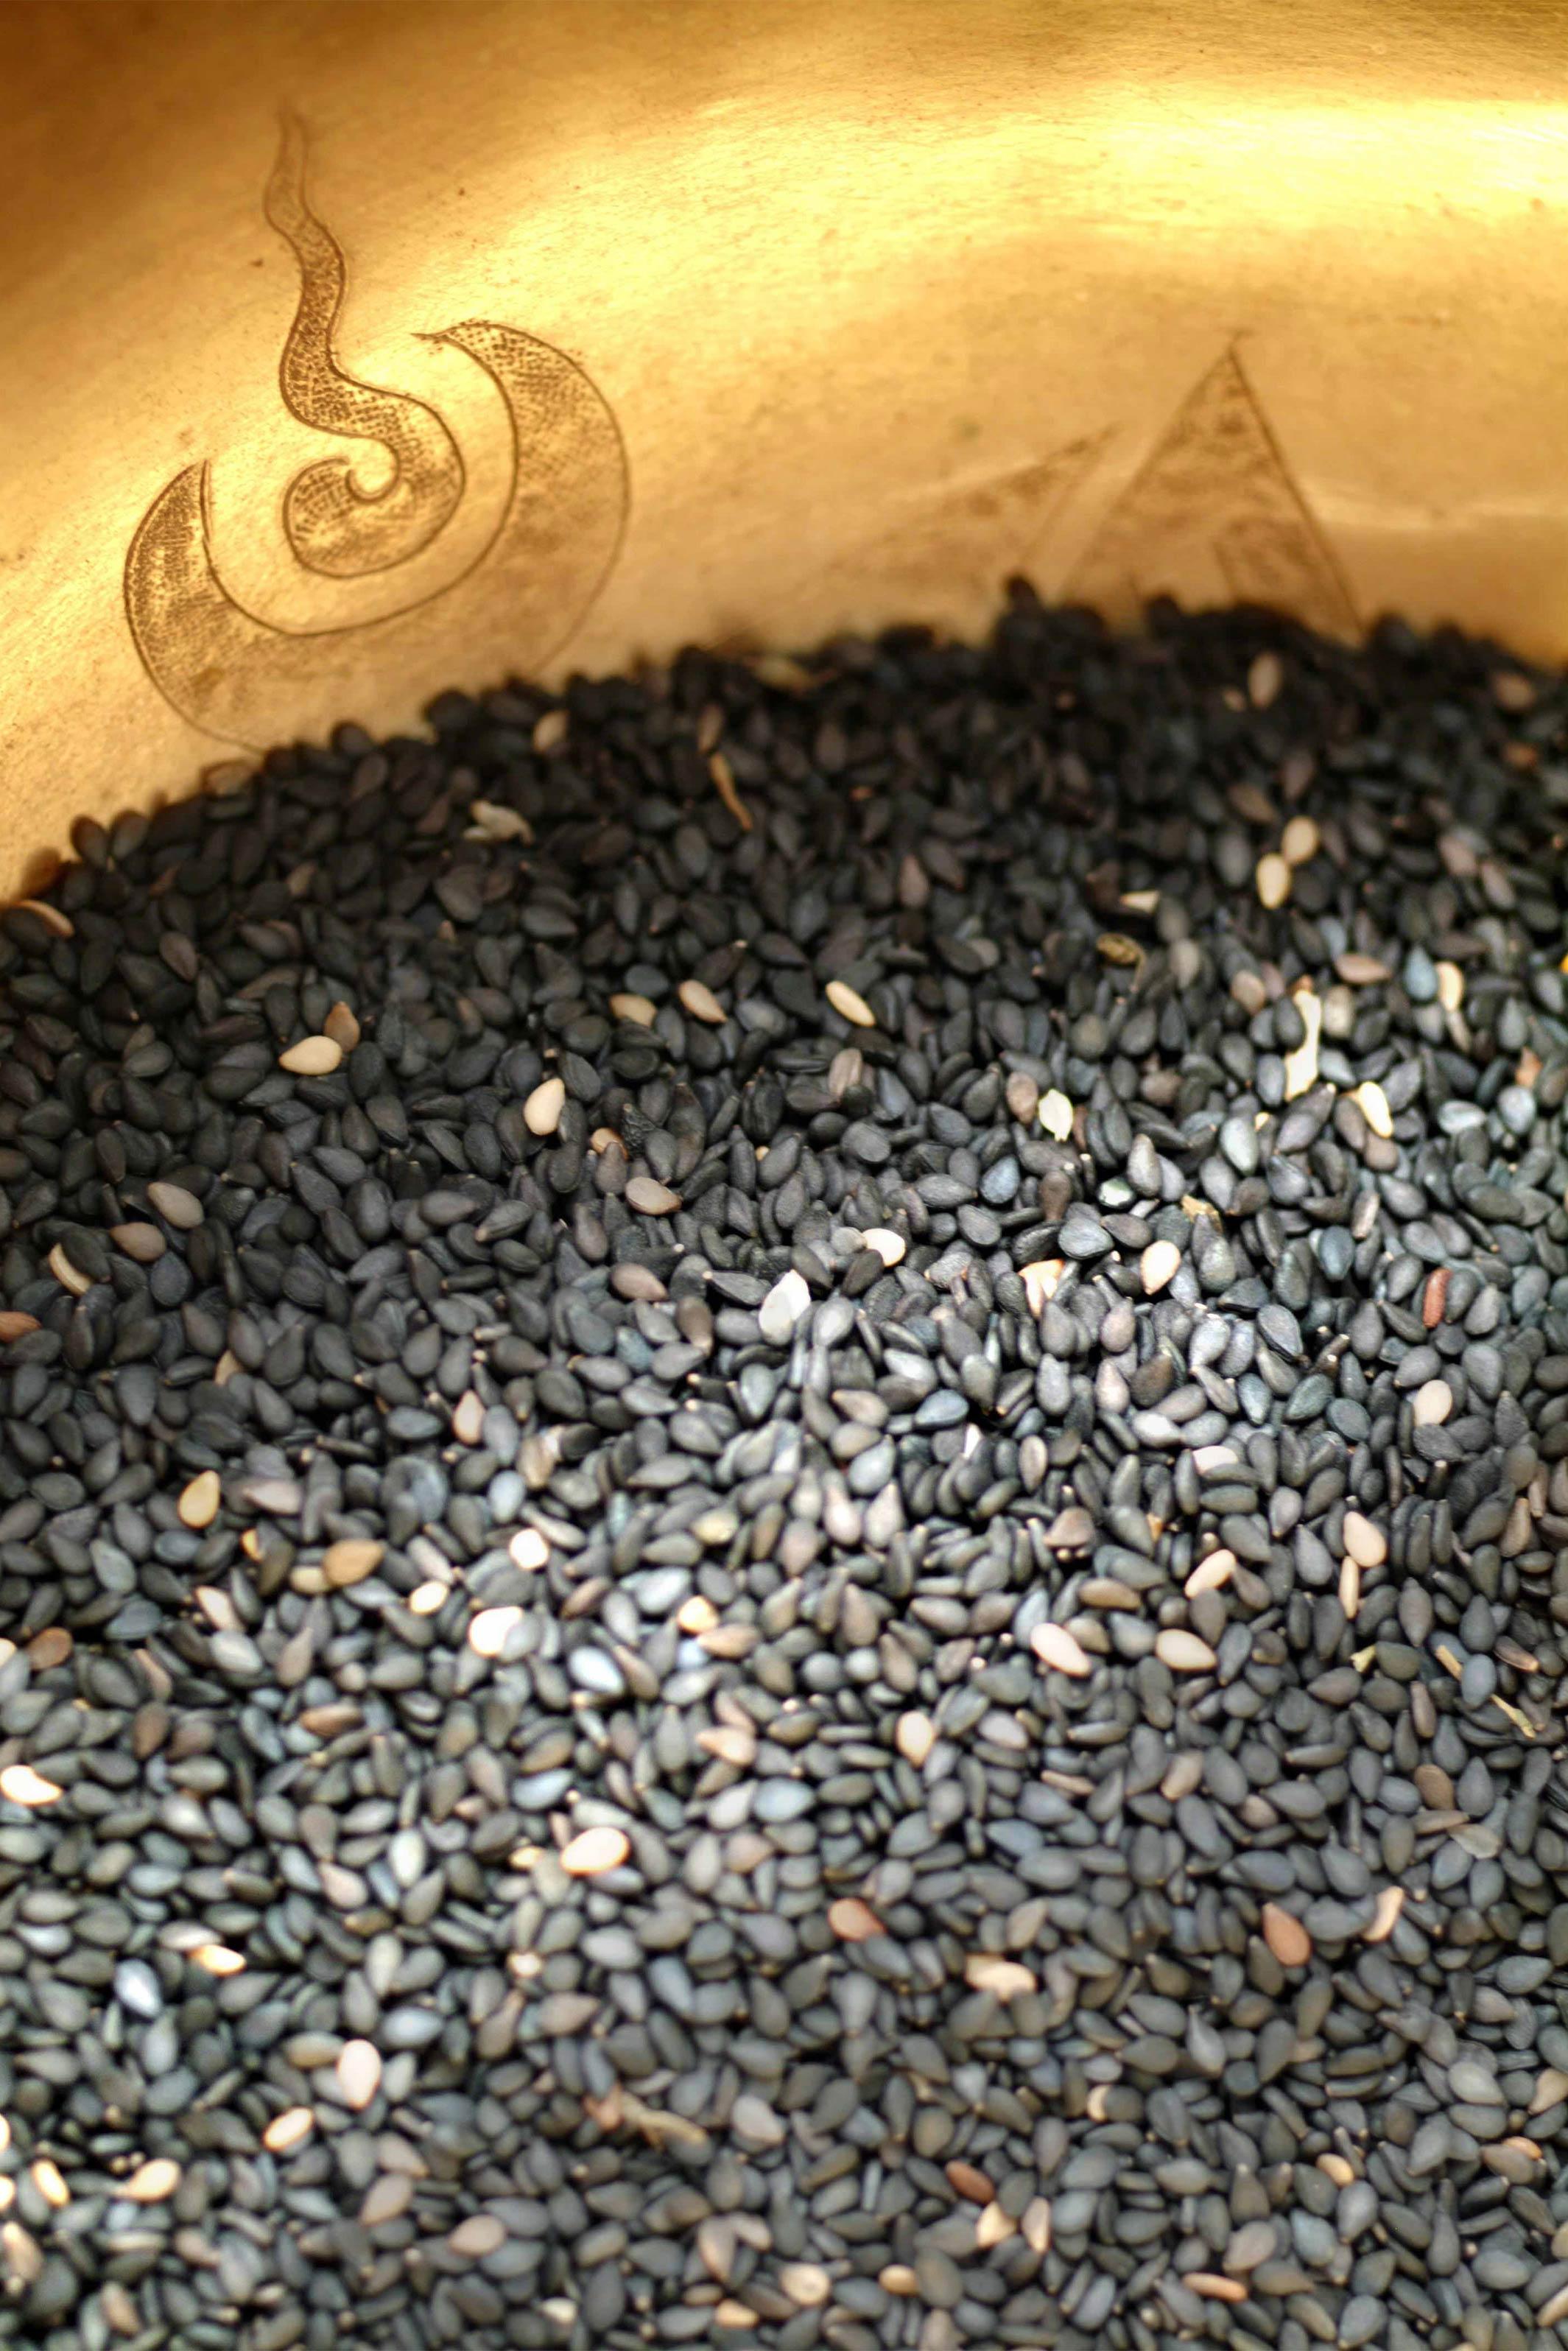 Bildausschnitt vom Schwarzen Sesamsamen in goldener Schale